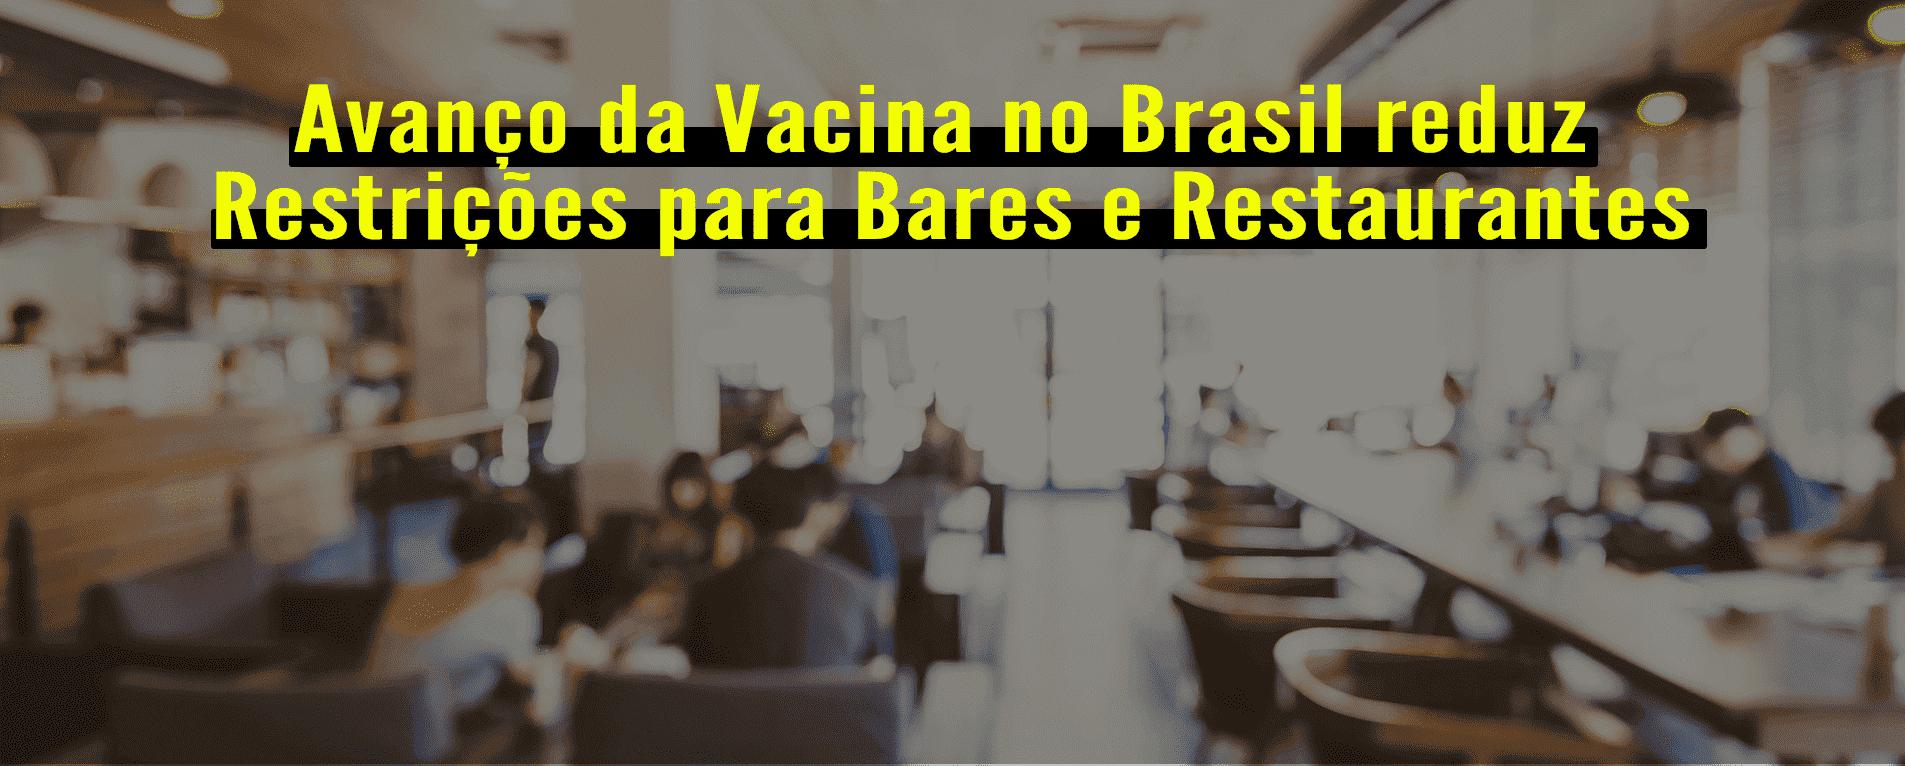 Avanço da Vacina no Brasil Reduz Restrições para Bares e Restaurantes